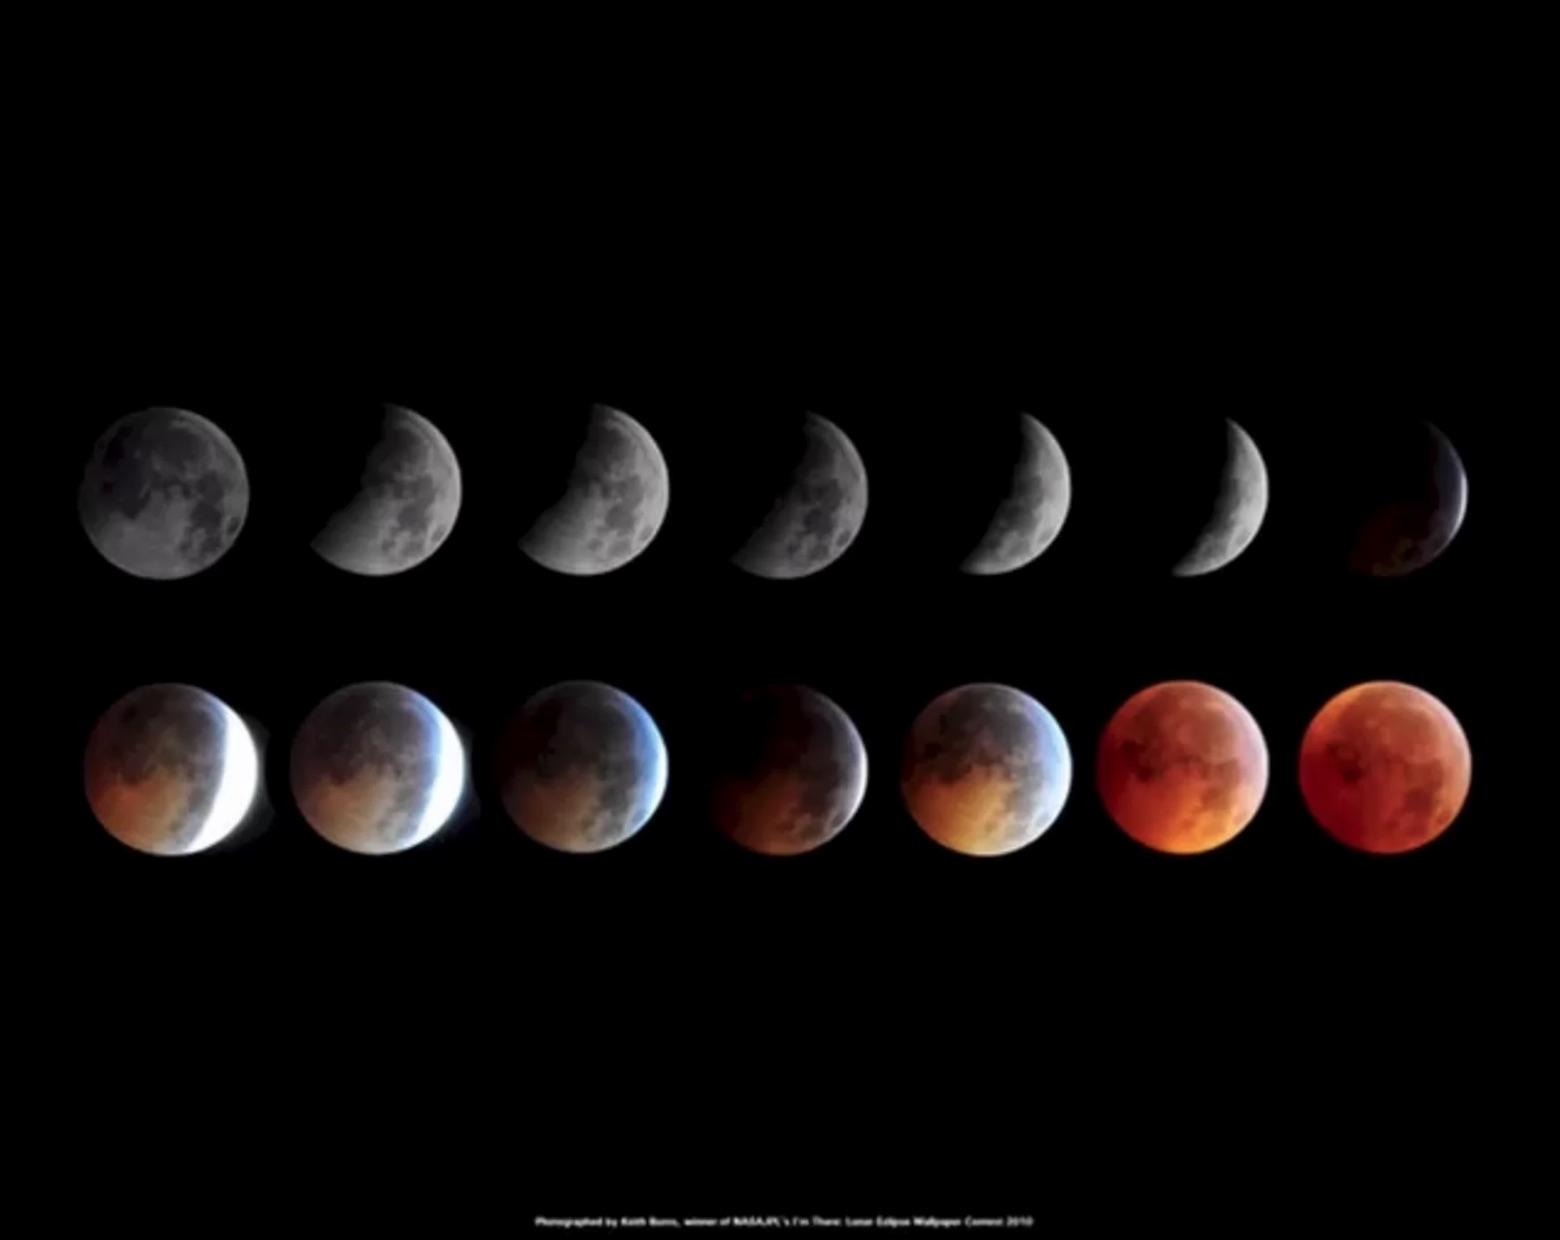 Skywatcher Keith Burns a pris ce montage d'images, qui montre l'éclipse lunaire totale du 20 décembre 2010.  Le montage a remporté un concours de la NASA pour devenir un fond d'écran officiel de la NASA / JPL pour le public.